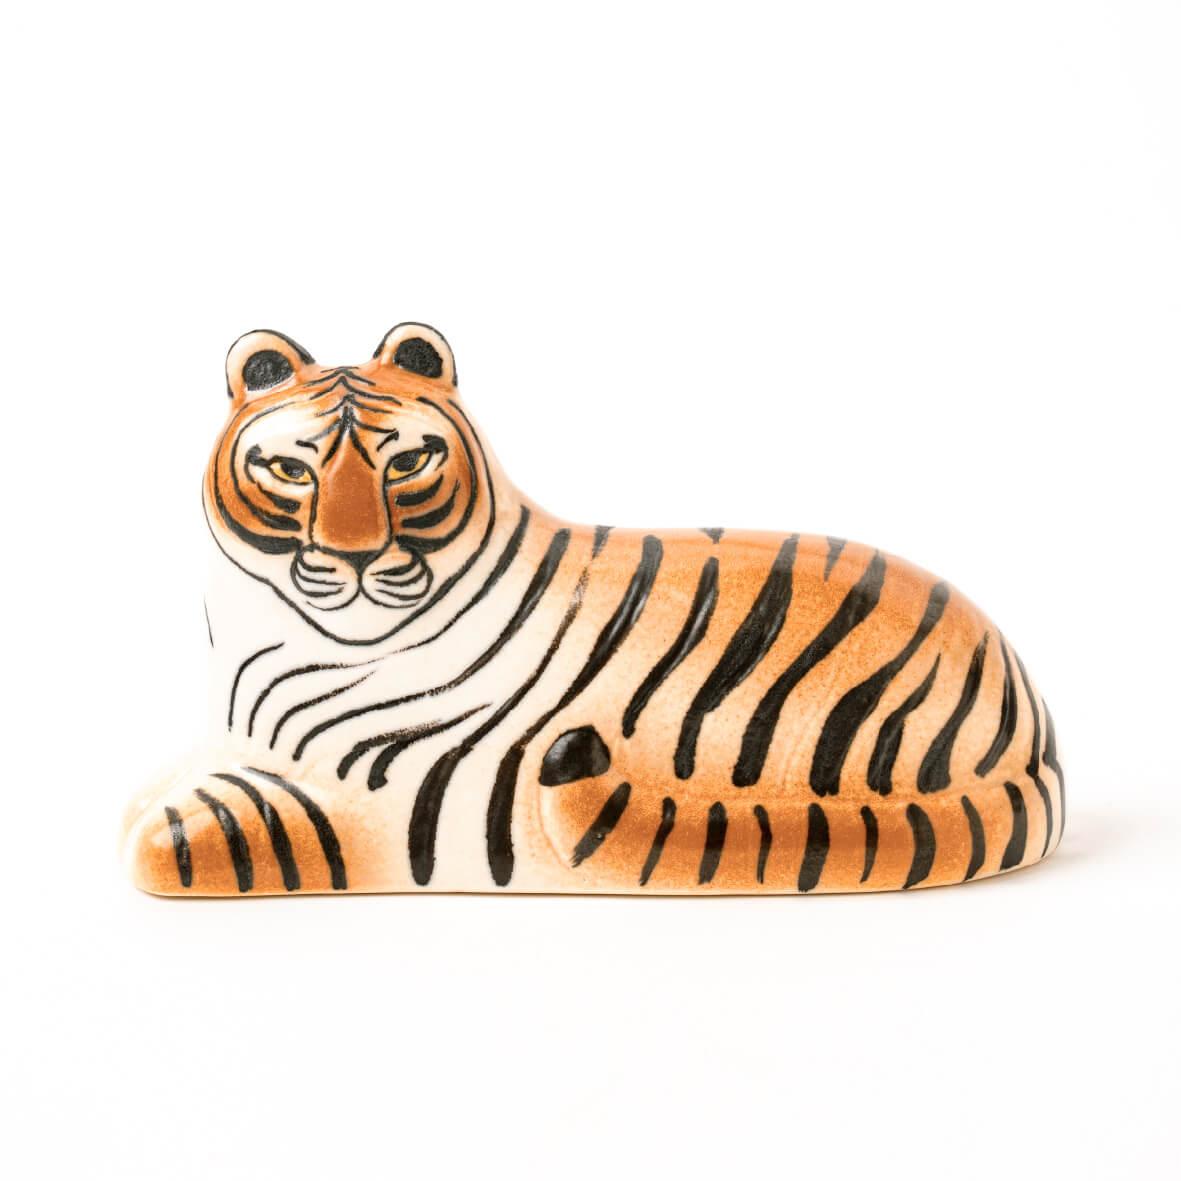 スウェーデン産の虎の置物 by リサ・ラーソン